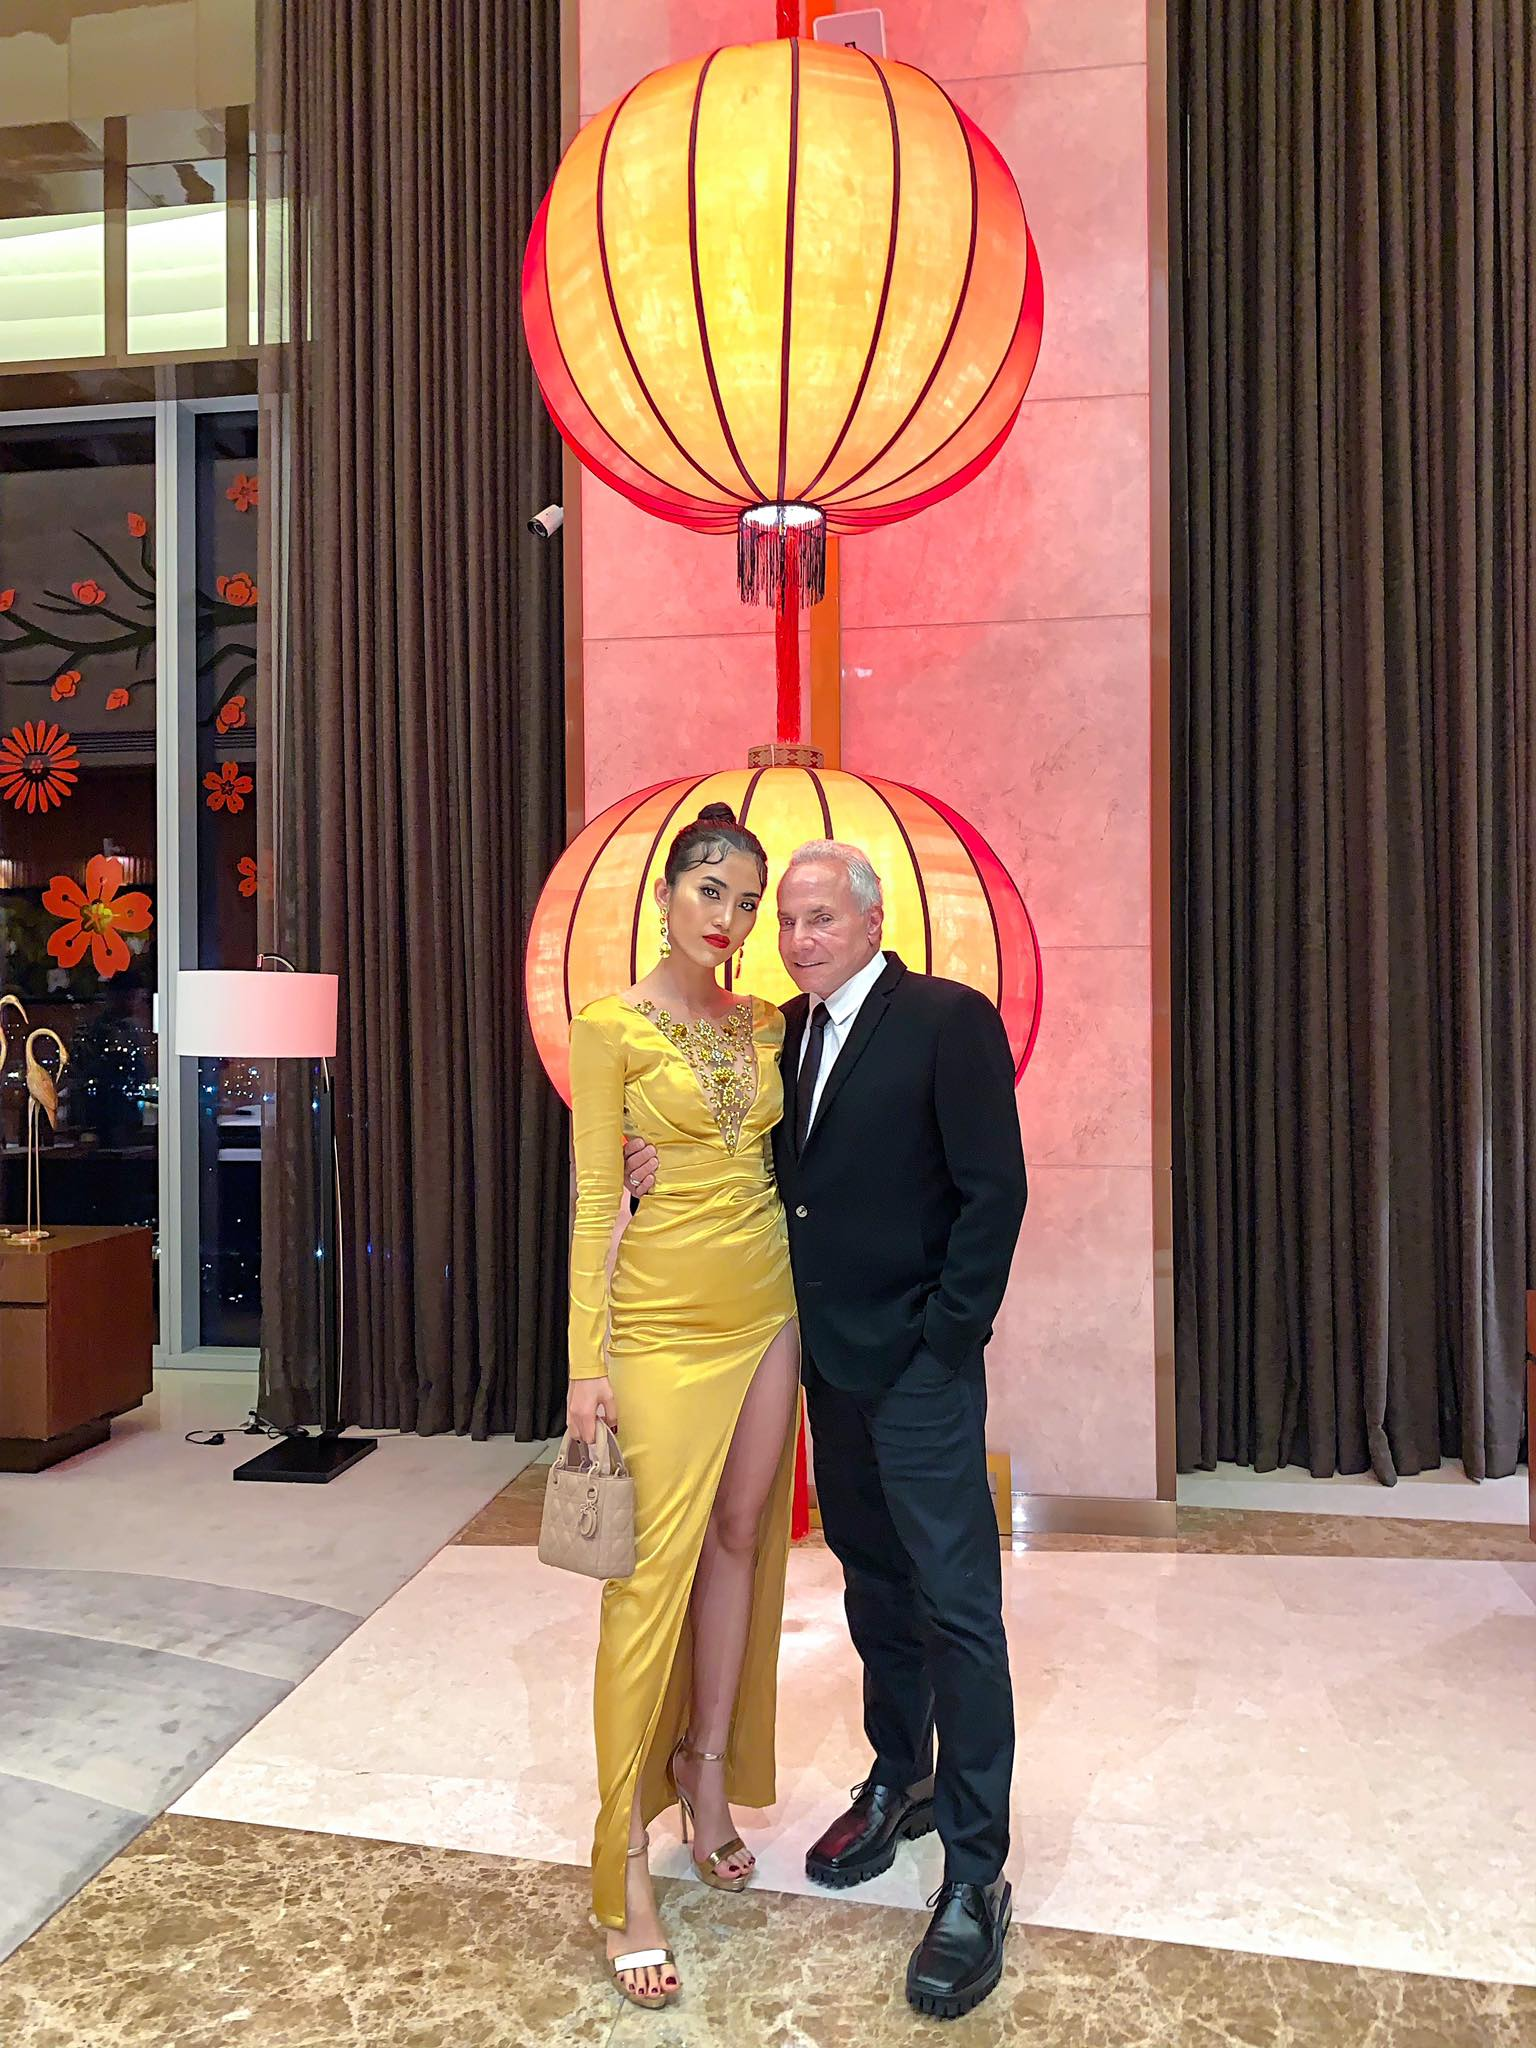 Chuyện gái Việt 26 tuổi yêu tỷ phú Mỹ 72 tuổi: Những ấn tượng khi ăn Tết tại Việt Nam và kỷ niệm đỏ mặt trong đêm Giao Thừa khiến ngài tỷ phú ám ảnh cả đời-6